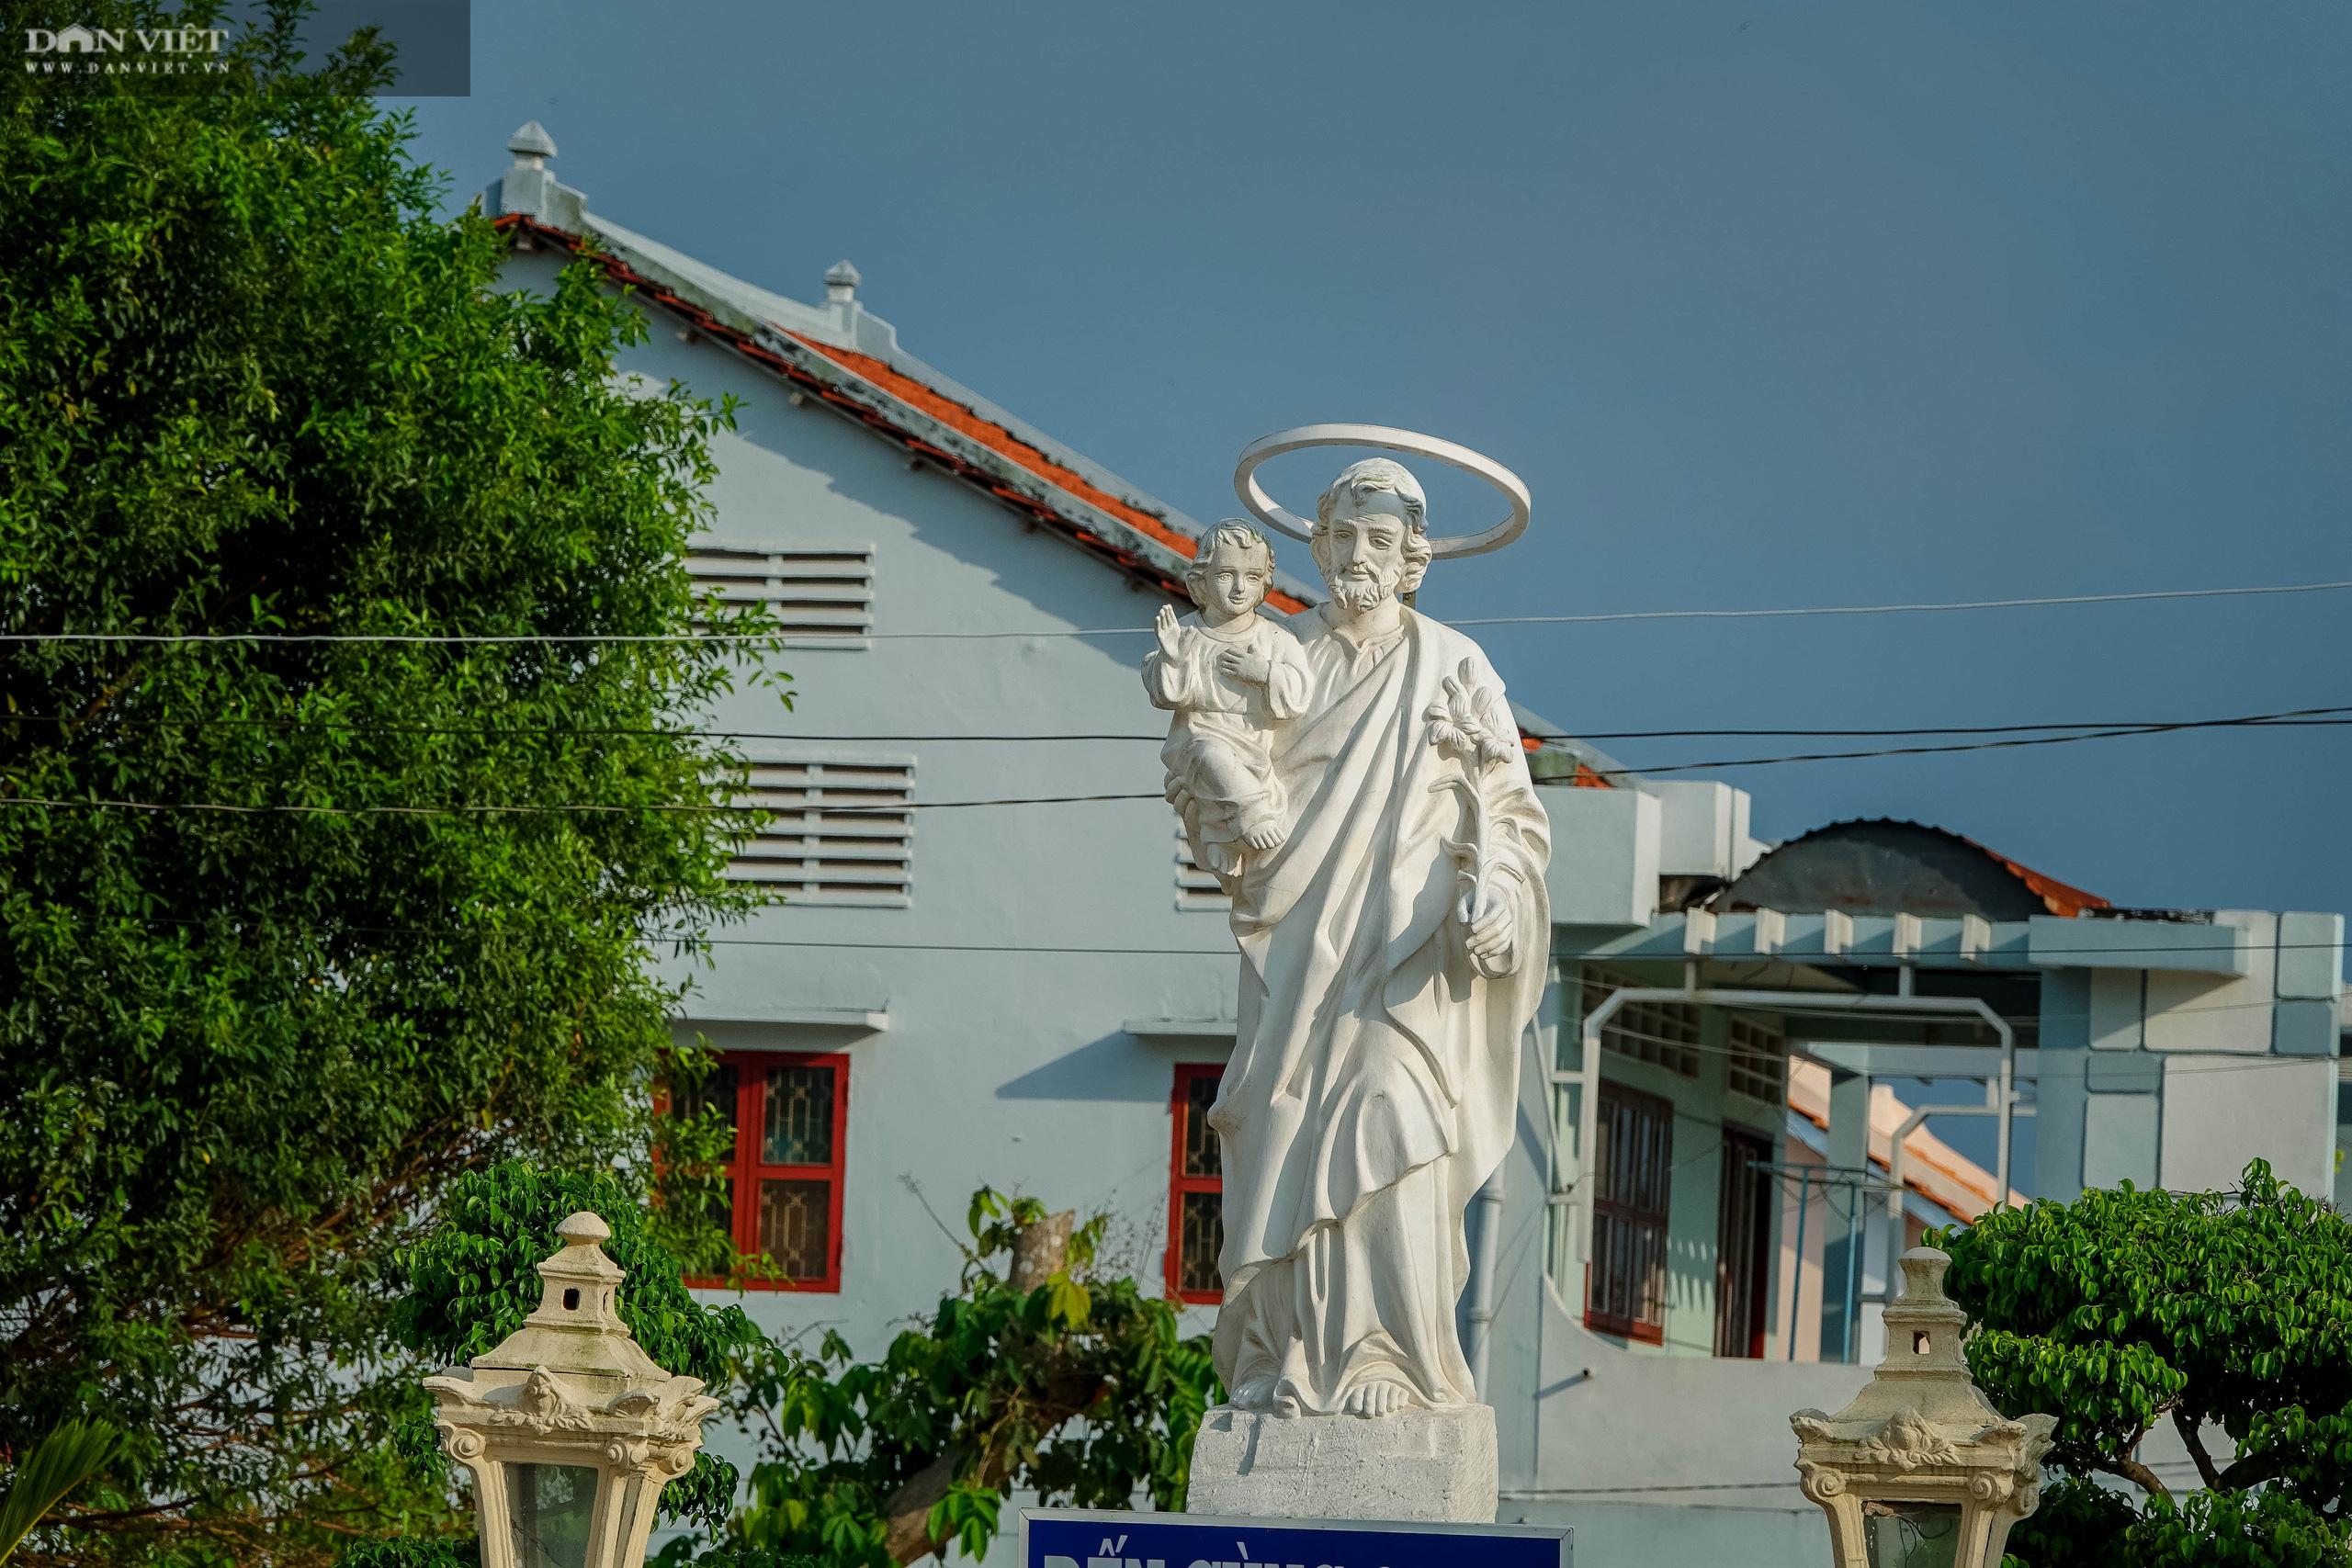 Chiêm ngưỡng vẻ đẹp của thánh đường xưa nhất miền Tây ở Cù Lao Giêng - Ảnh 7.